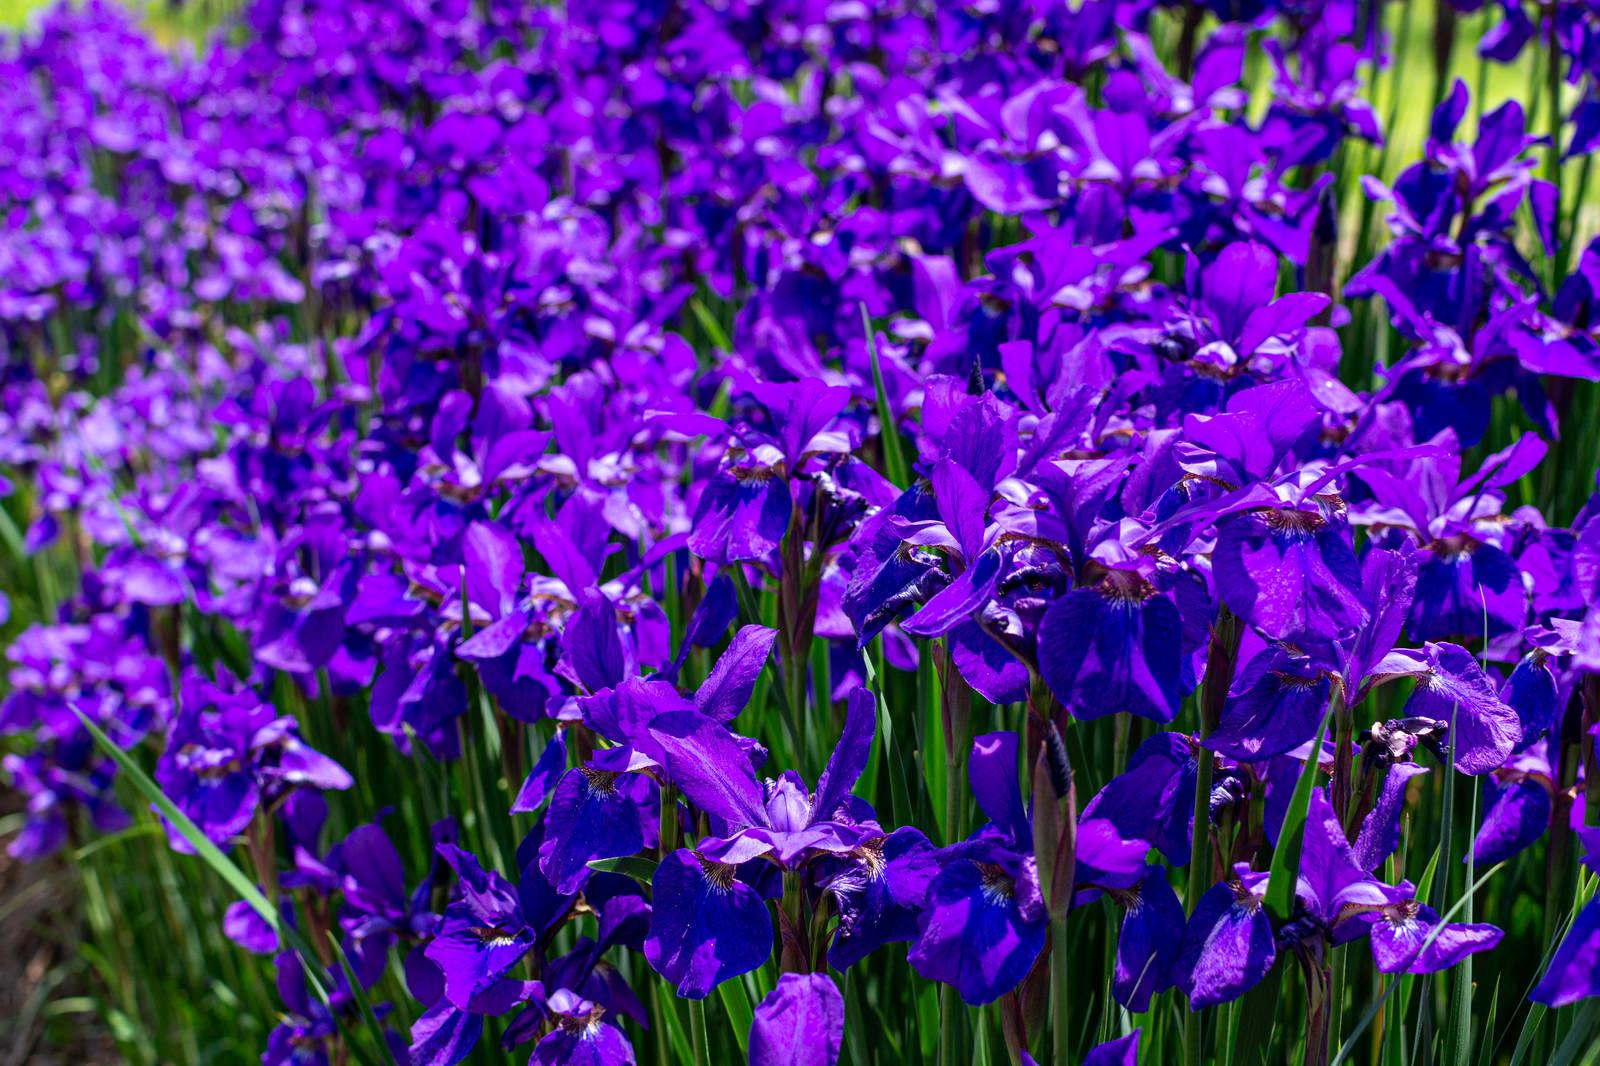 「無数に咲く紫色の花」の写真